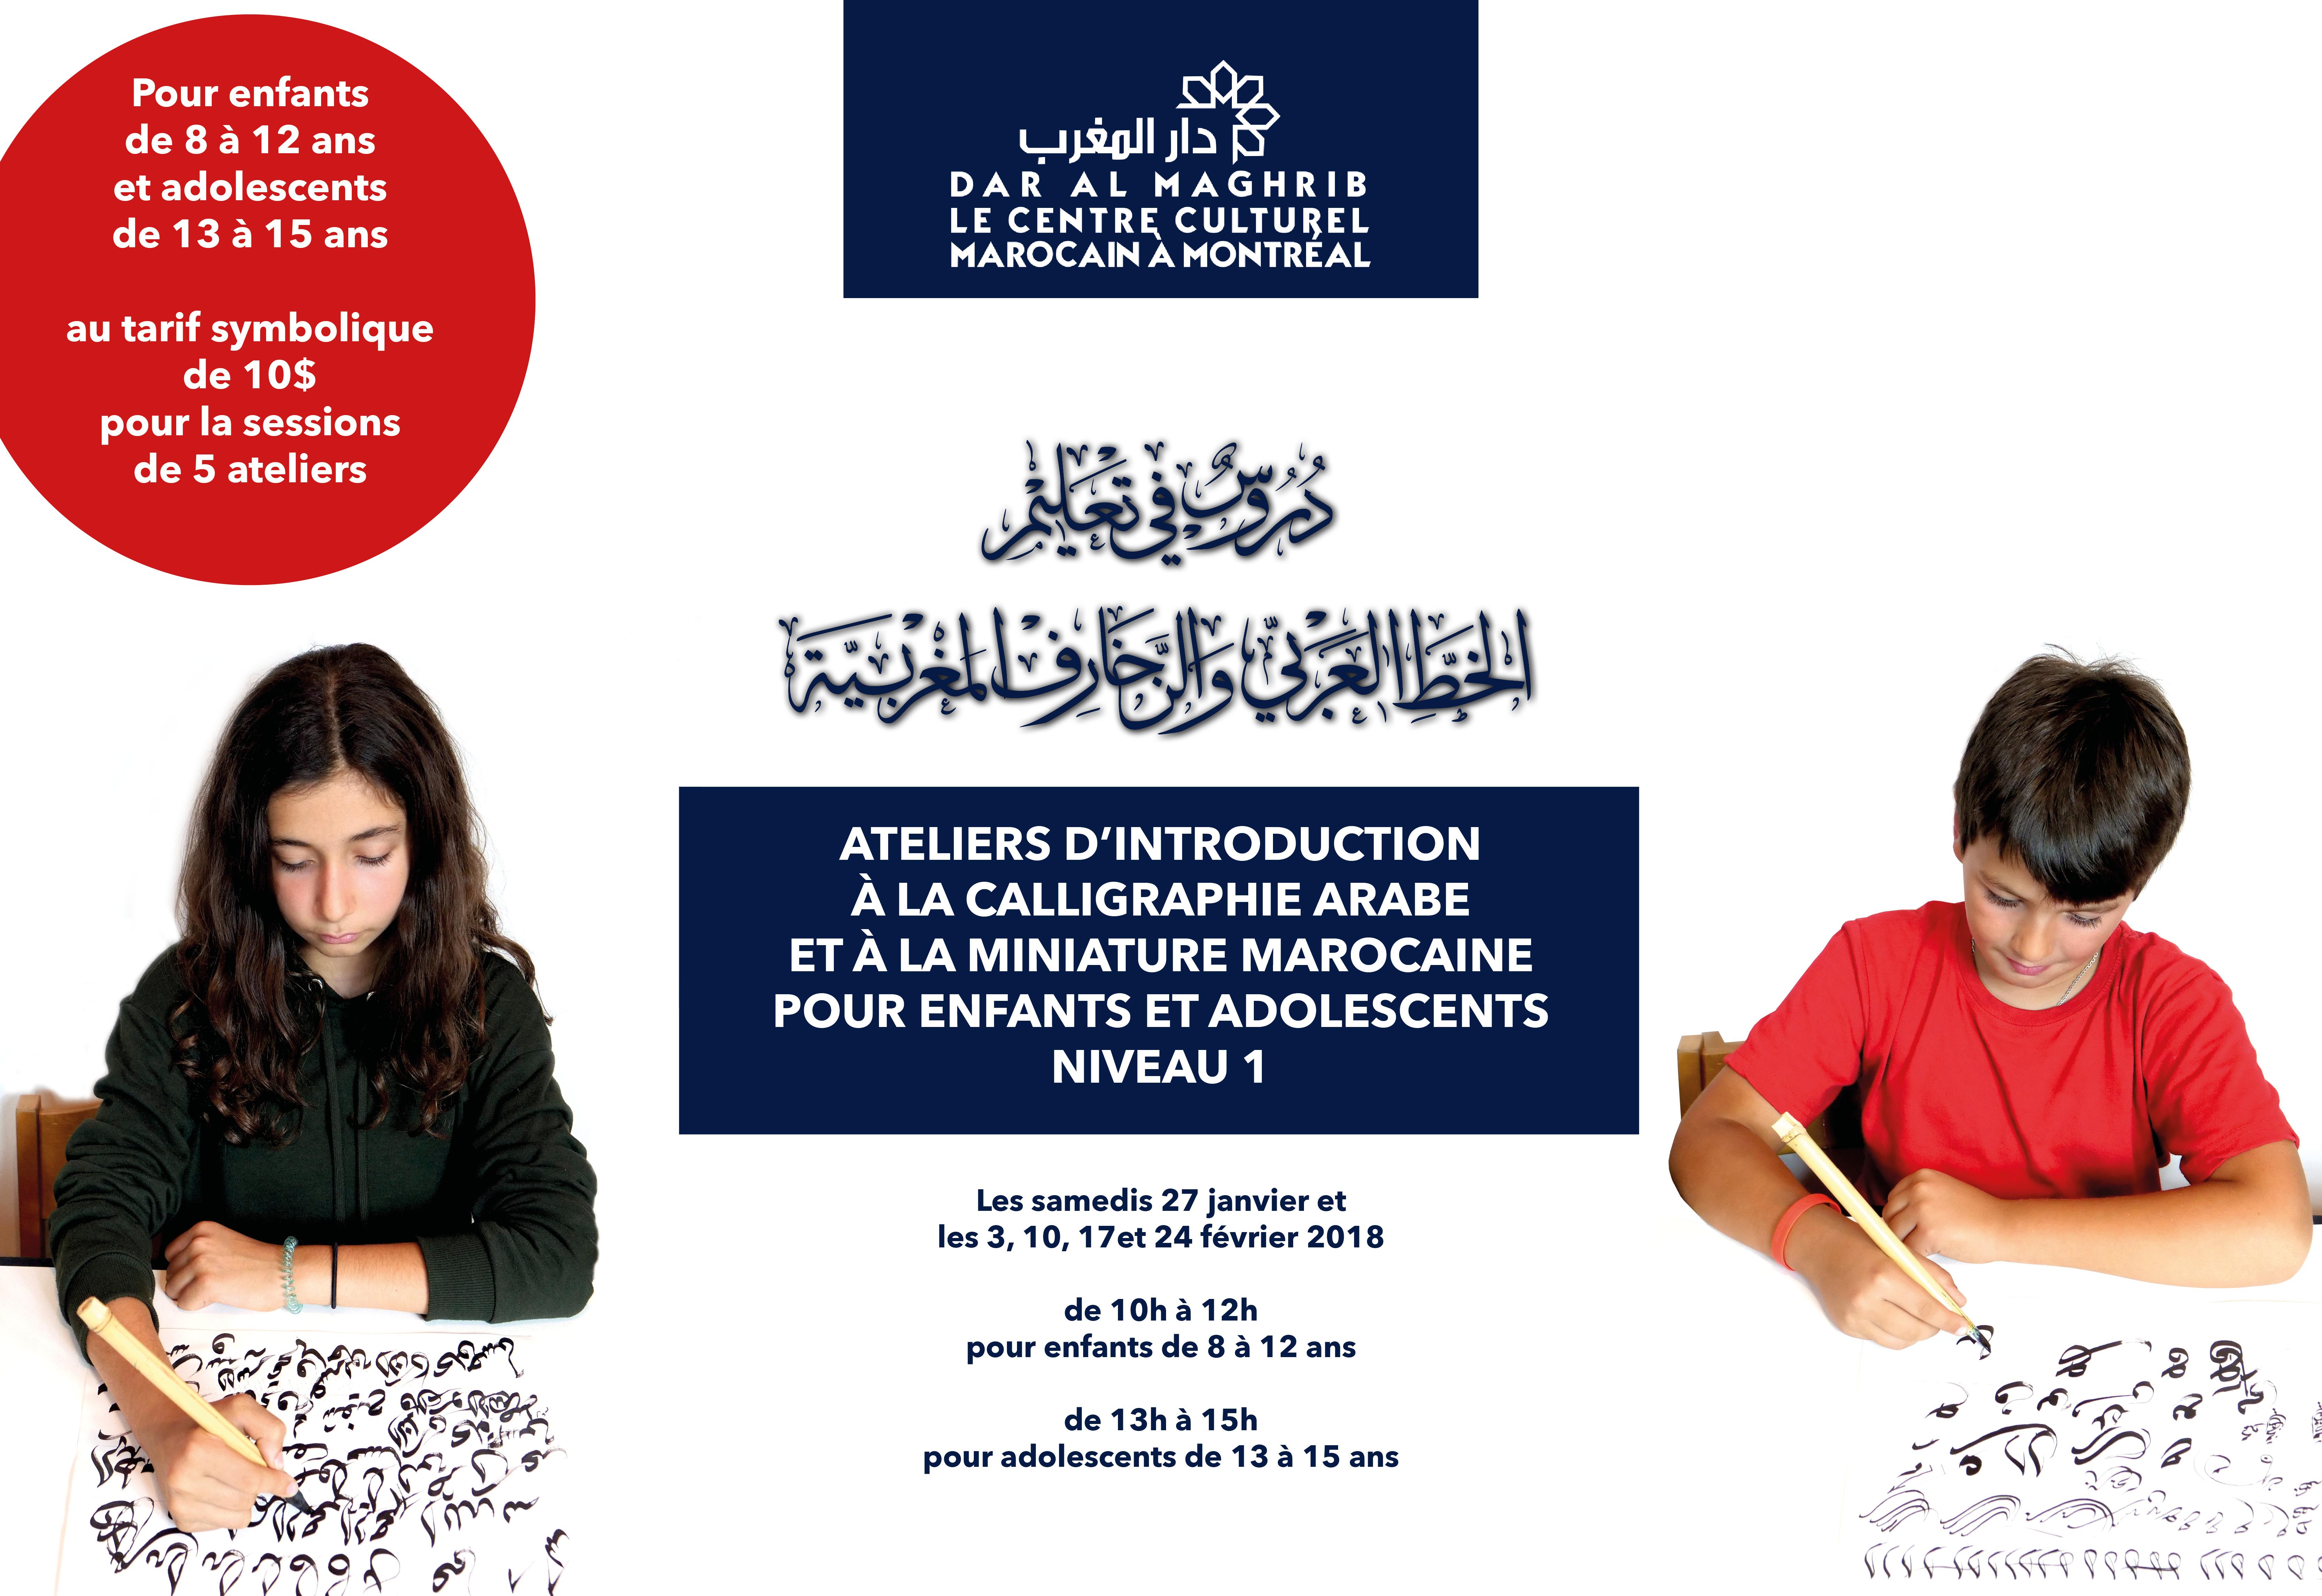 Ateliers de calligraphie arabe et miniature marocaine pour enfants et adolescents